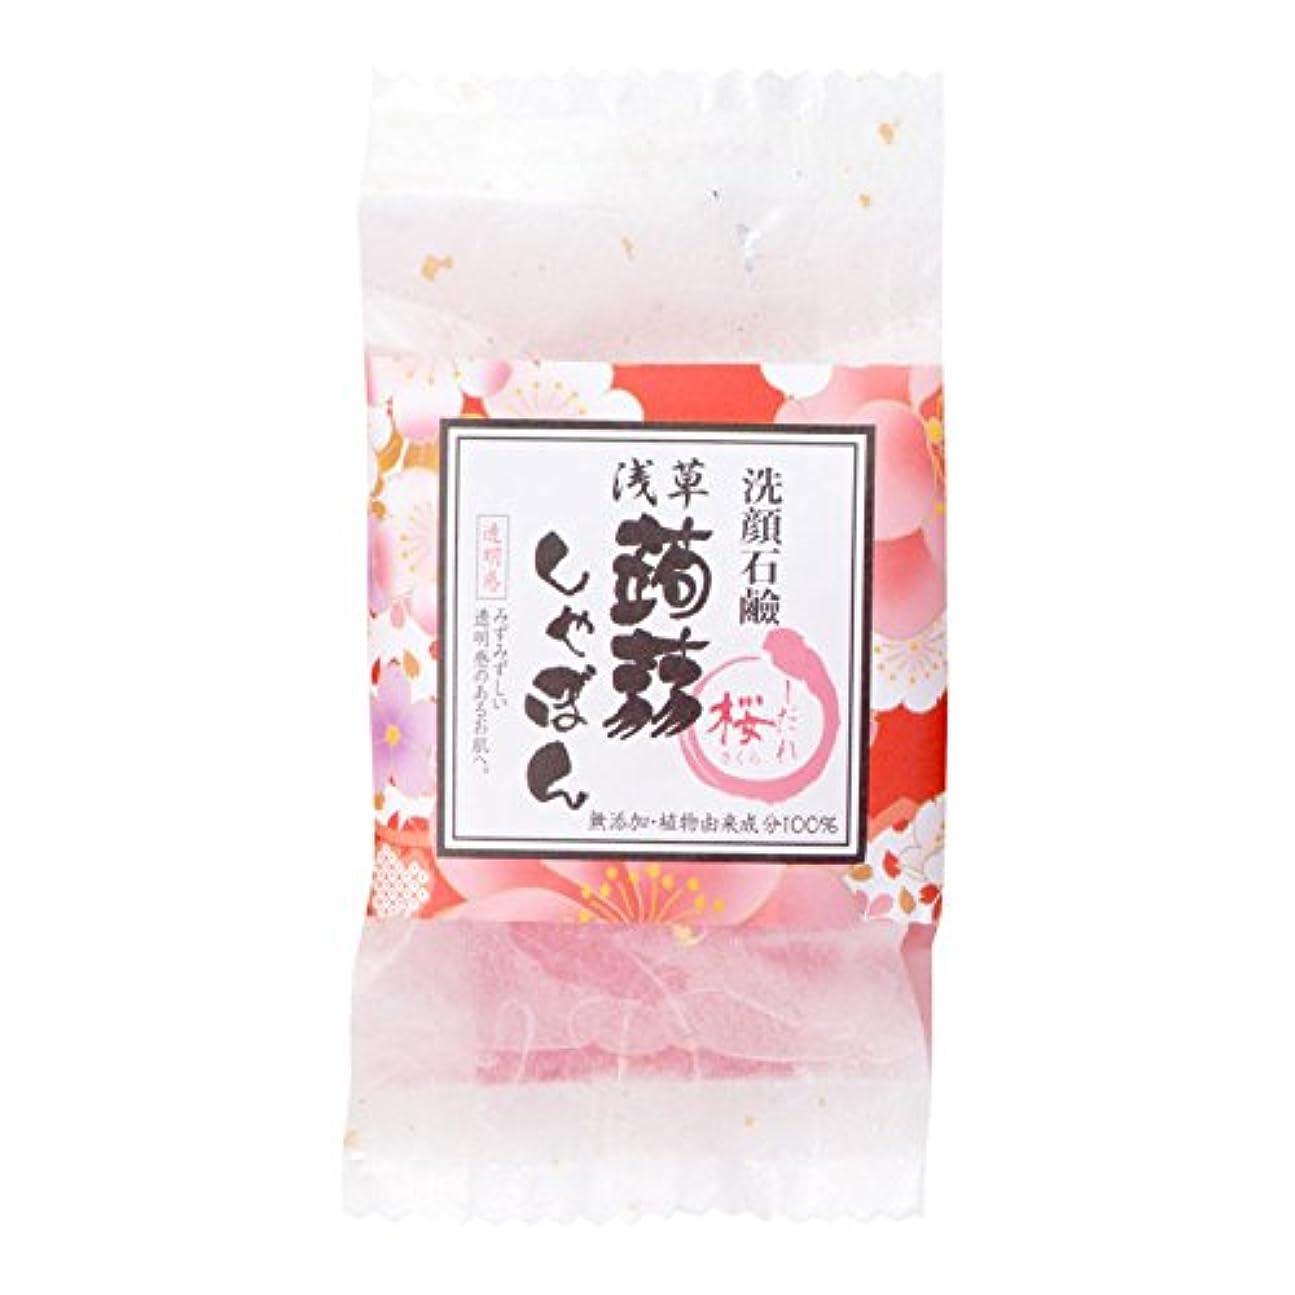 浸漬絶壁車浅草蒟蒻しゃぼん浅草 枝垂桜(しだれさくら)